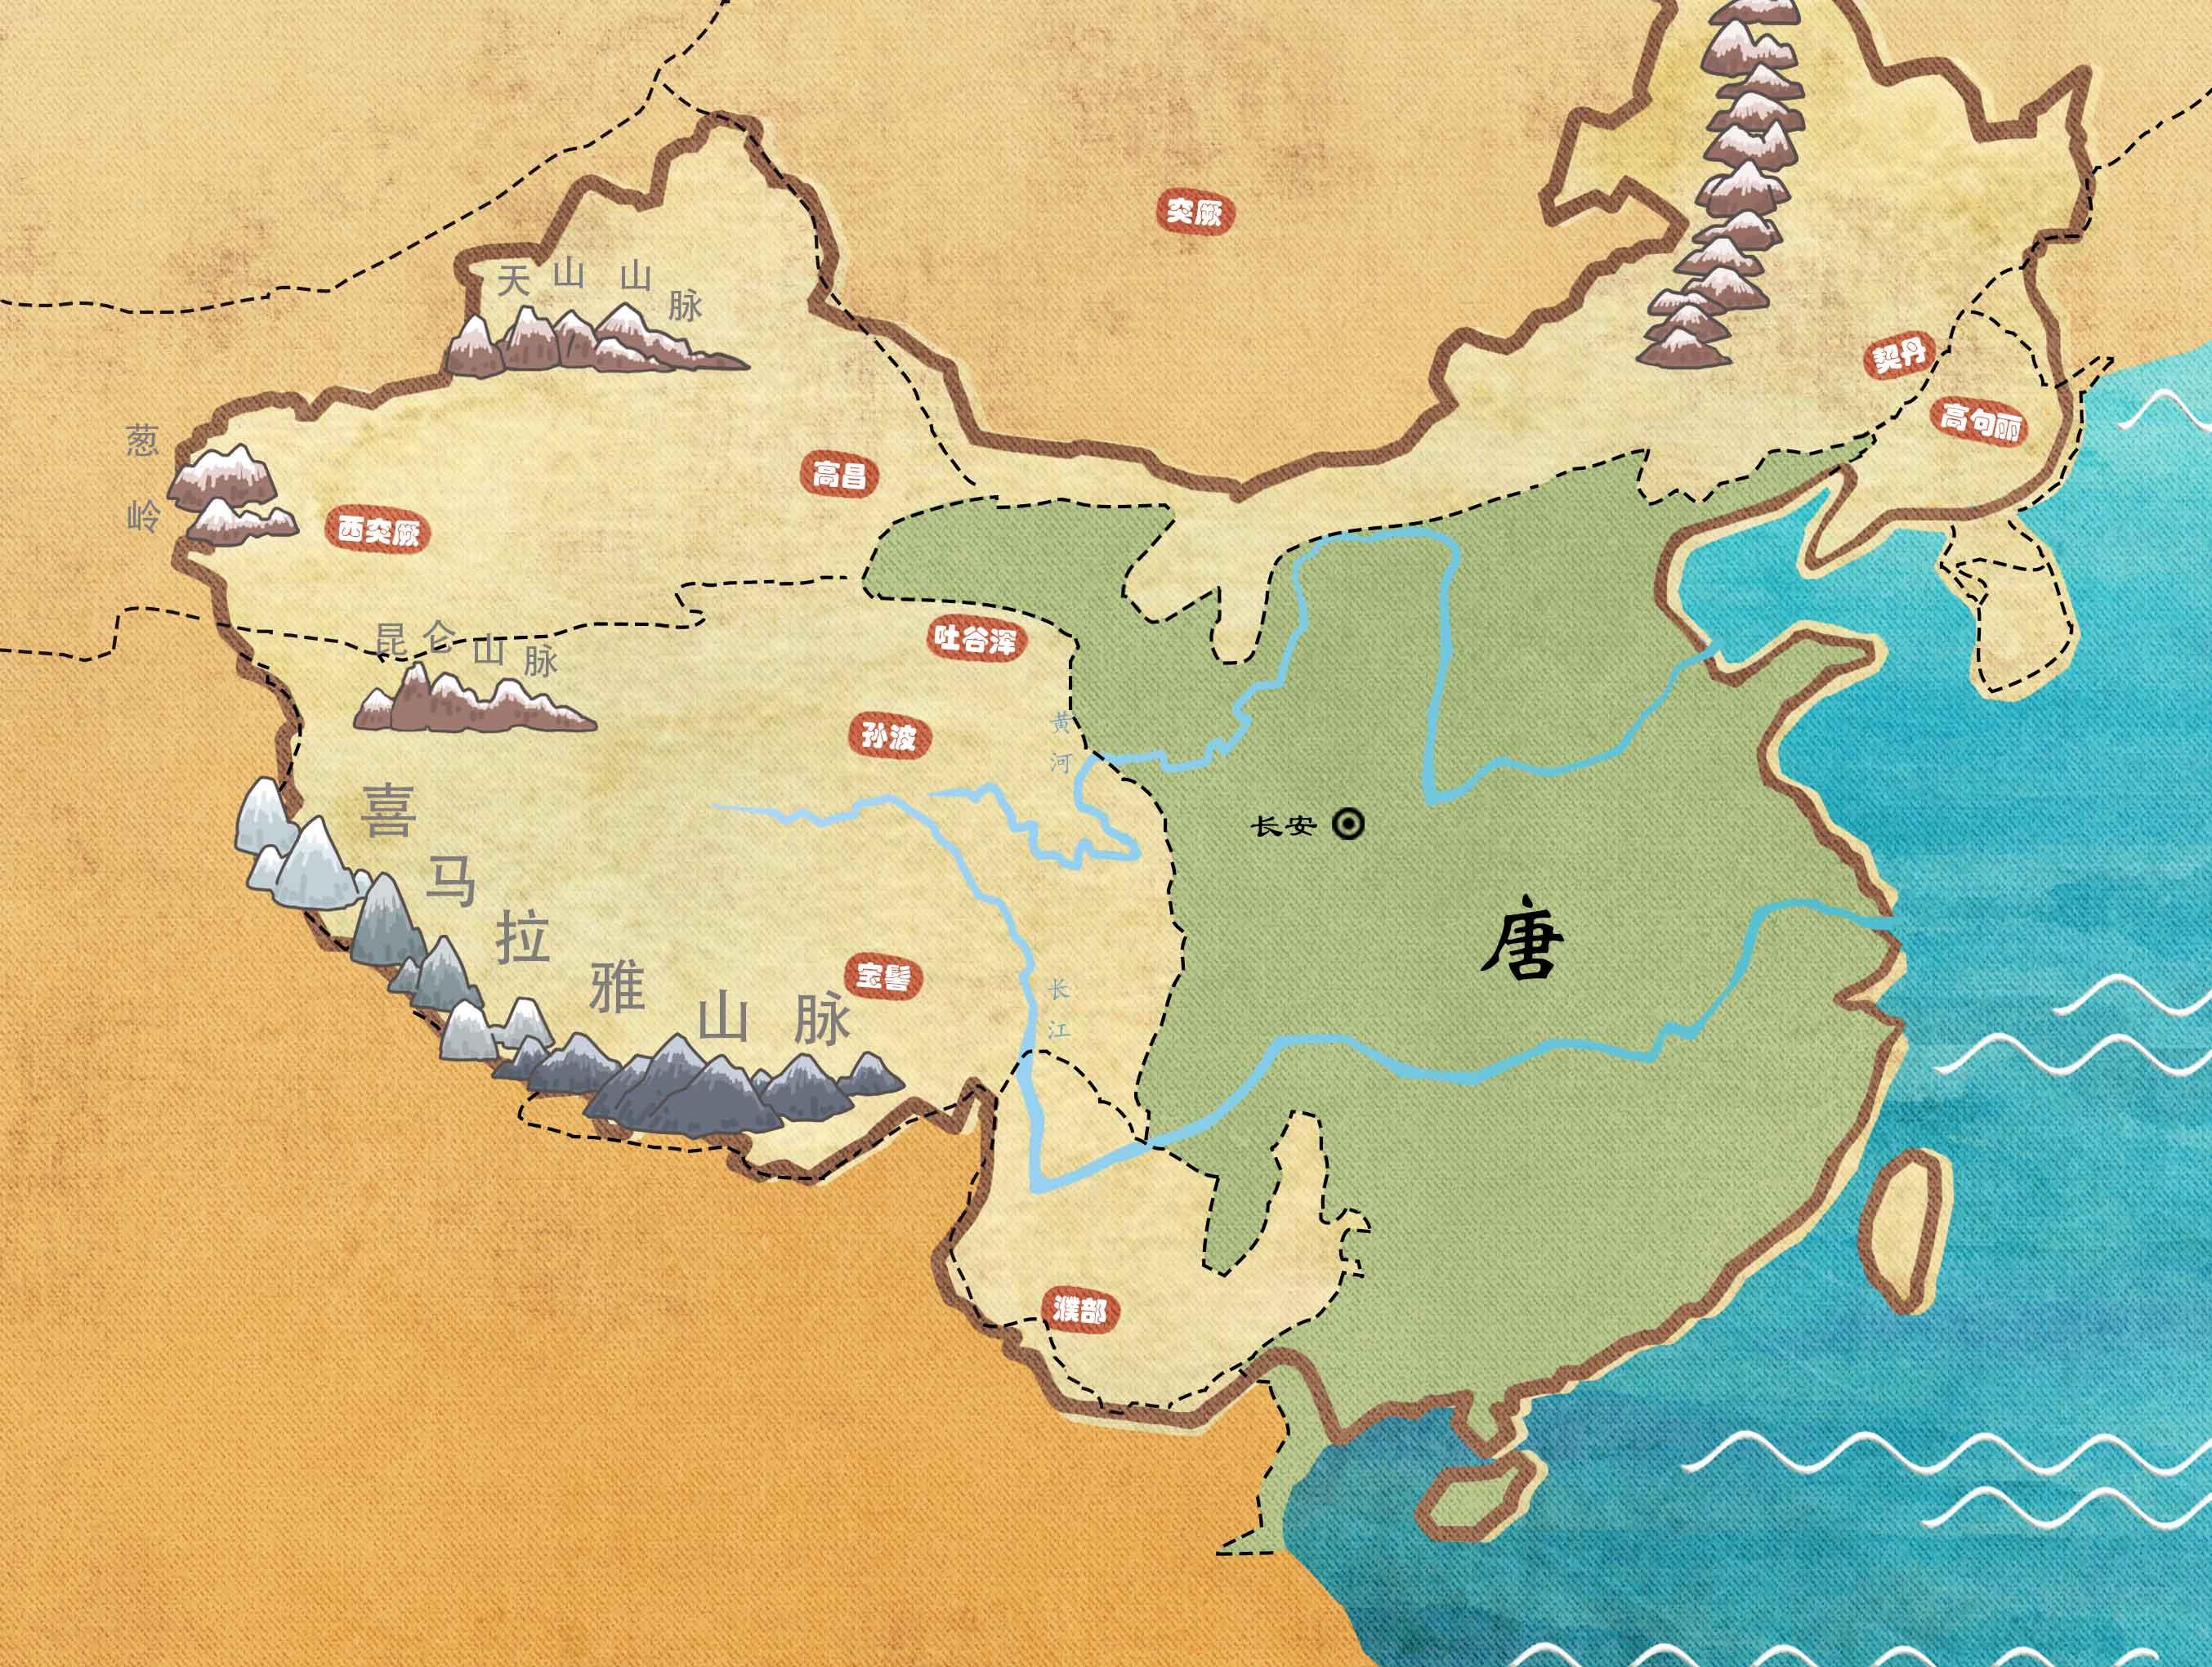 丹阳市司徒镇地图